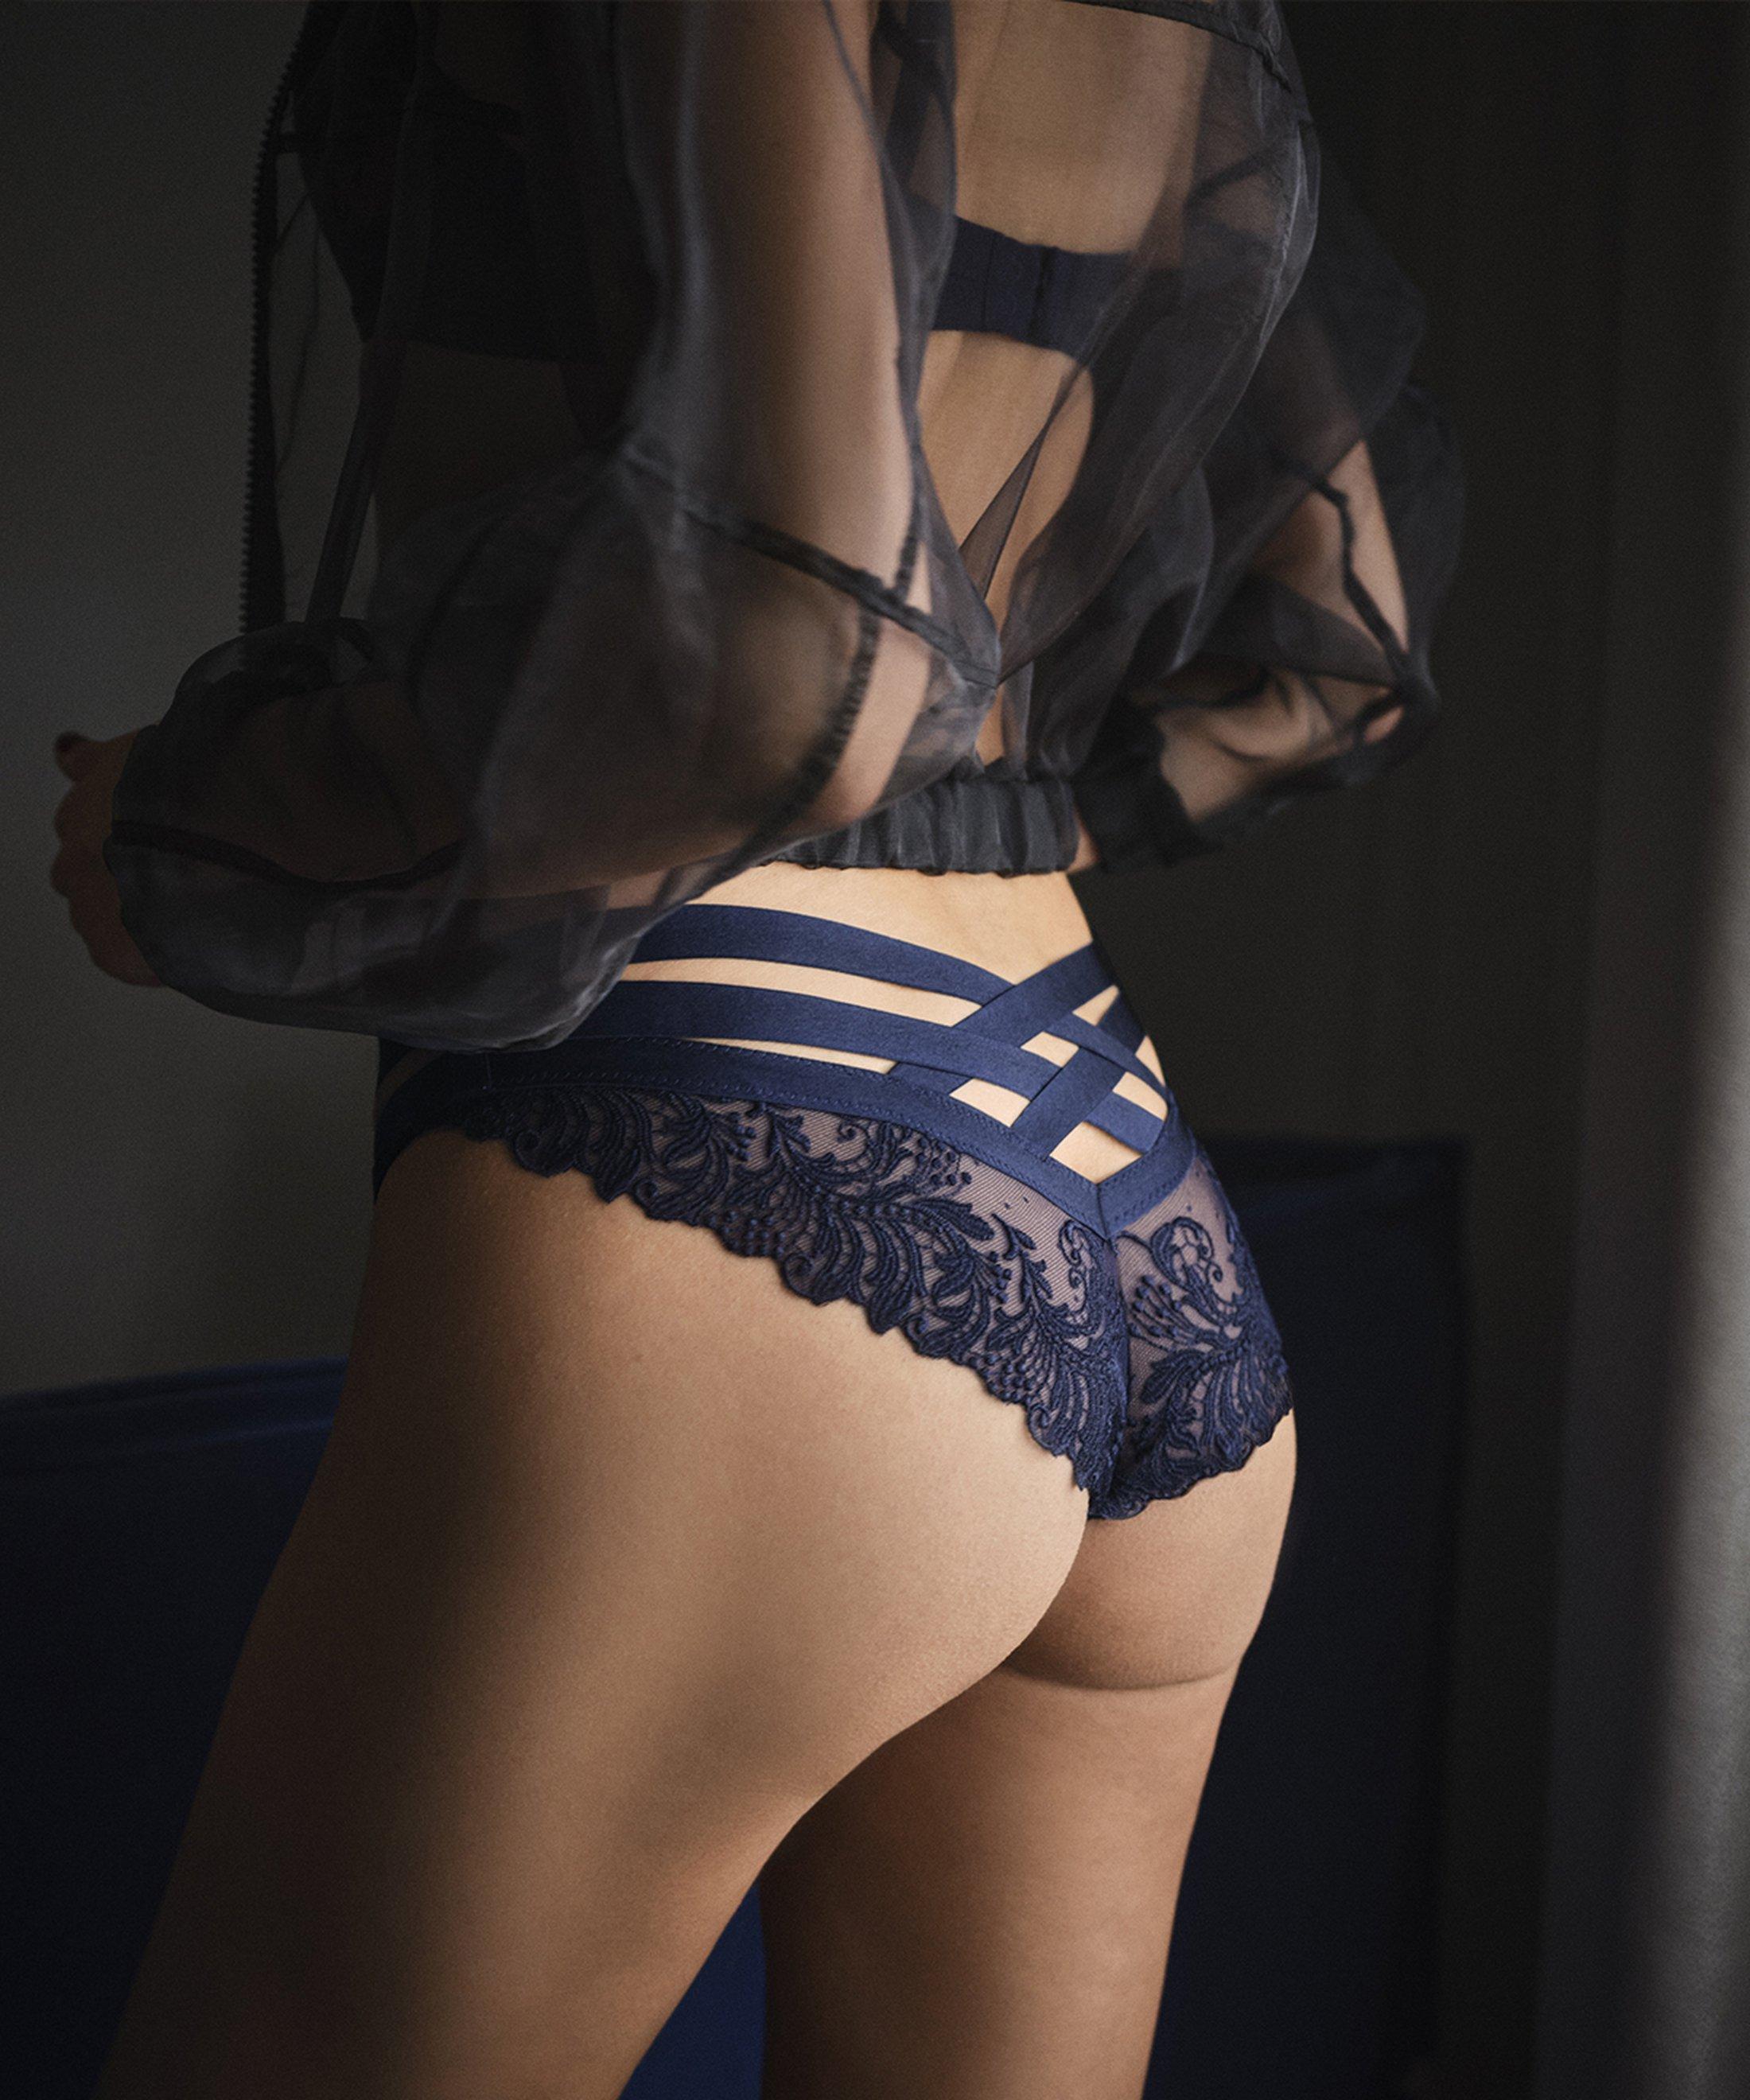 FEMME PASSION Mini-coeur brief Crépuscule Blue | Aubade